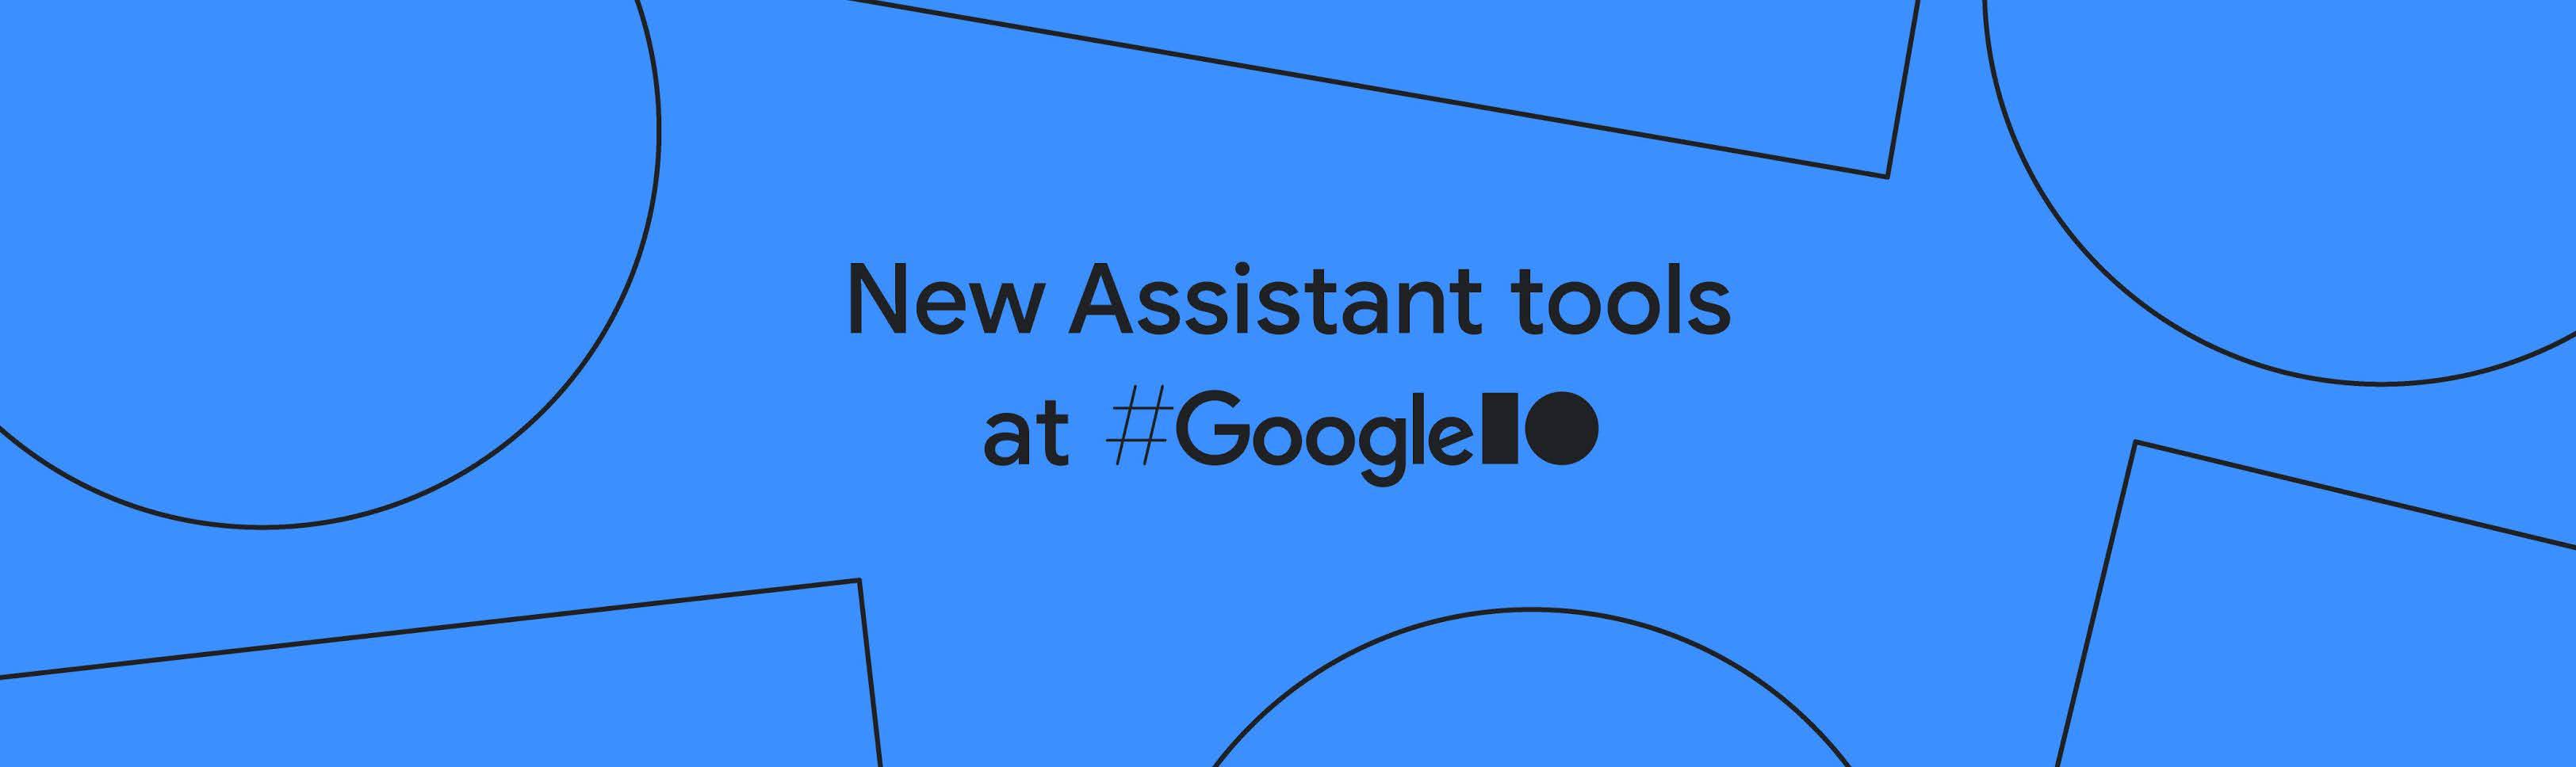 New Assistant tools at Google IO header